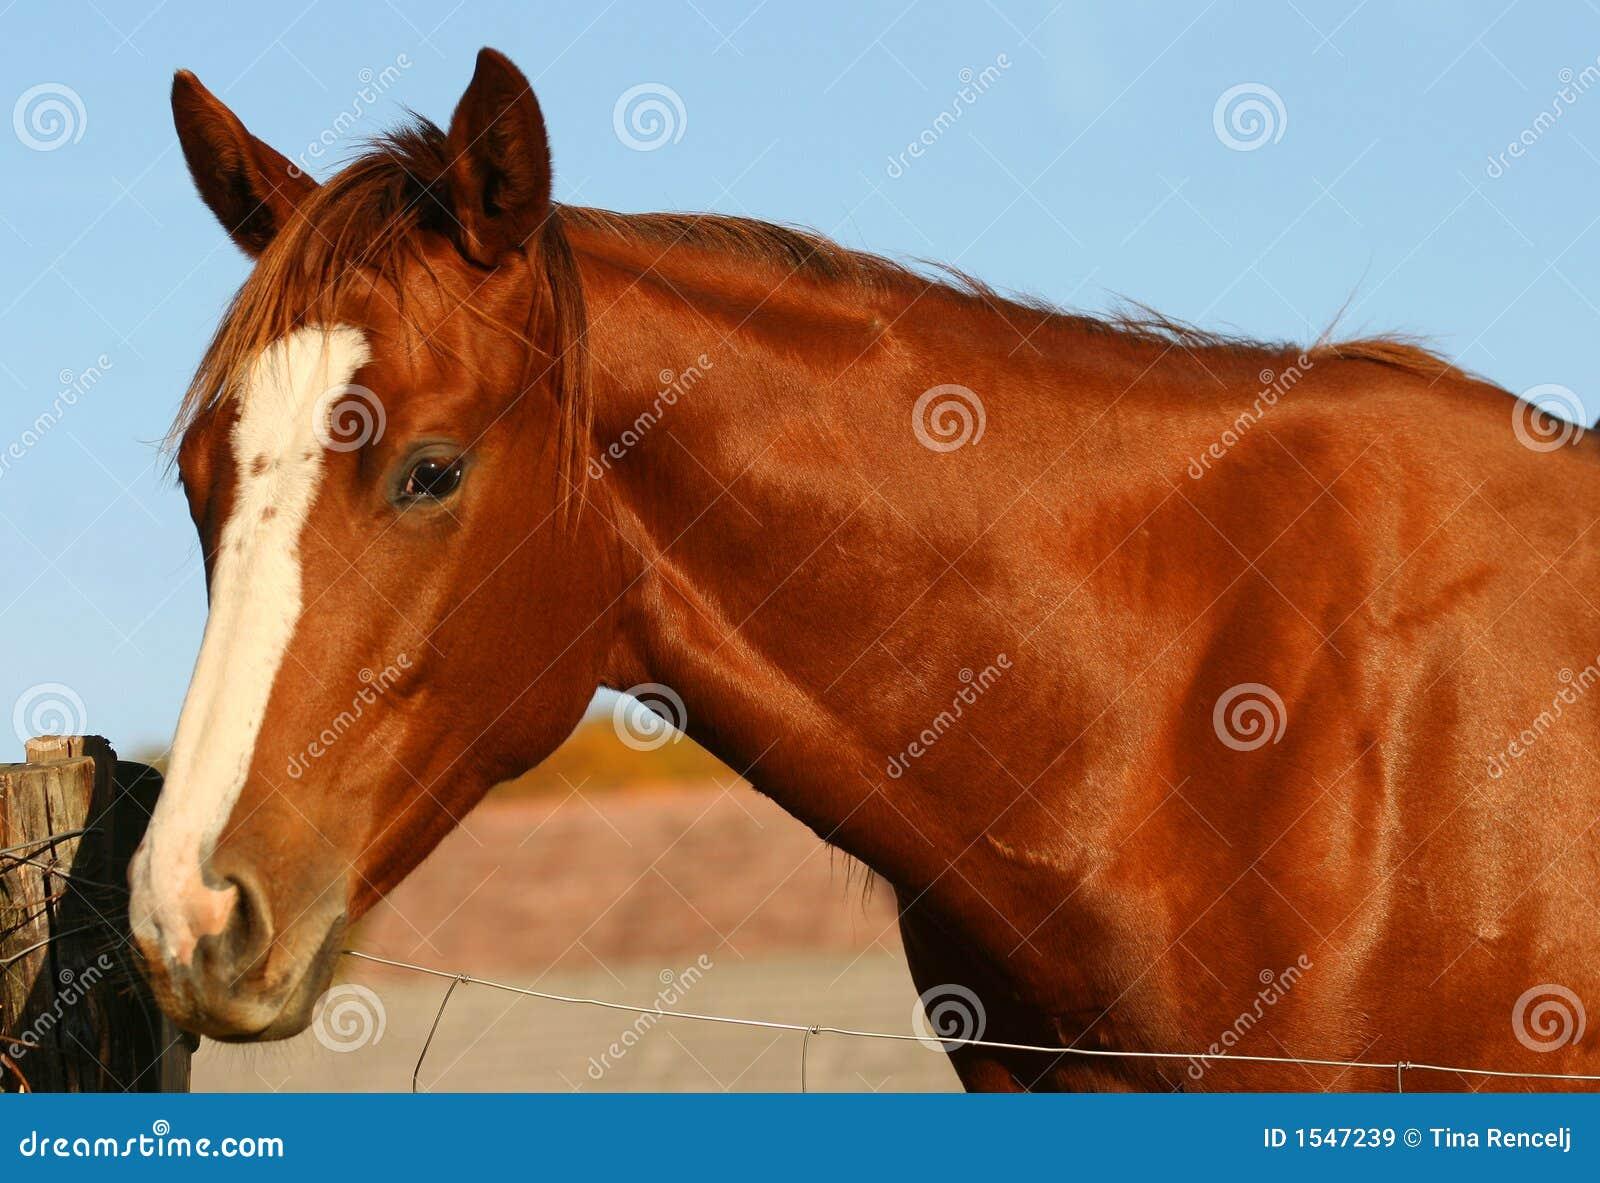 Chestnut Horse Royalty Free Stock Images - Image: 1547239 - photo#41